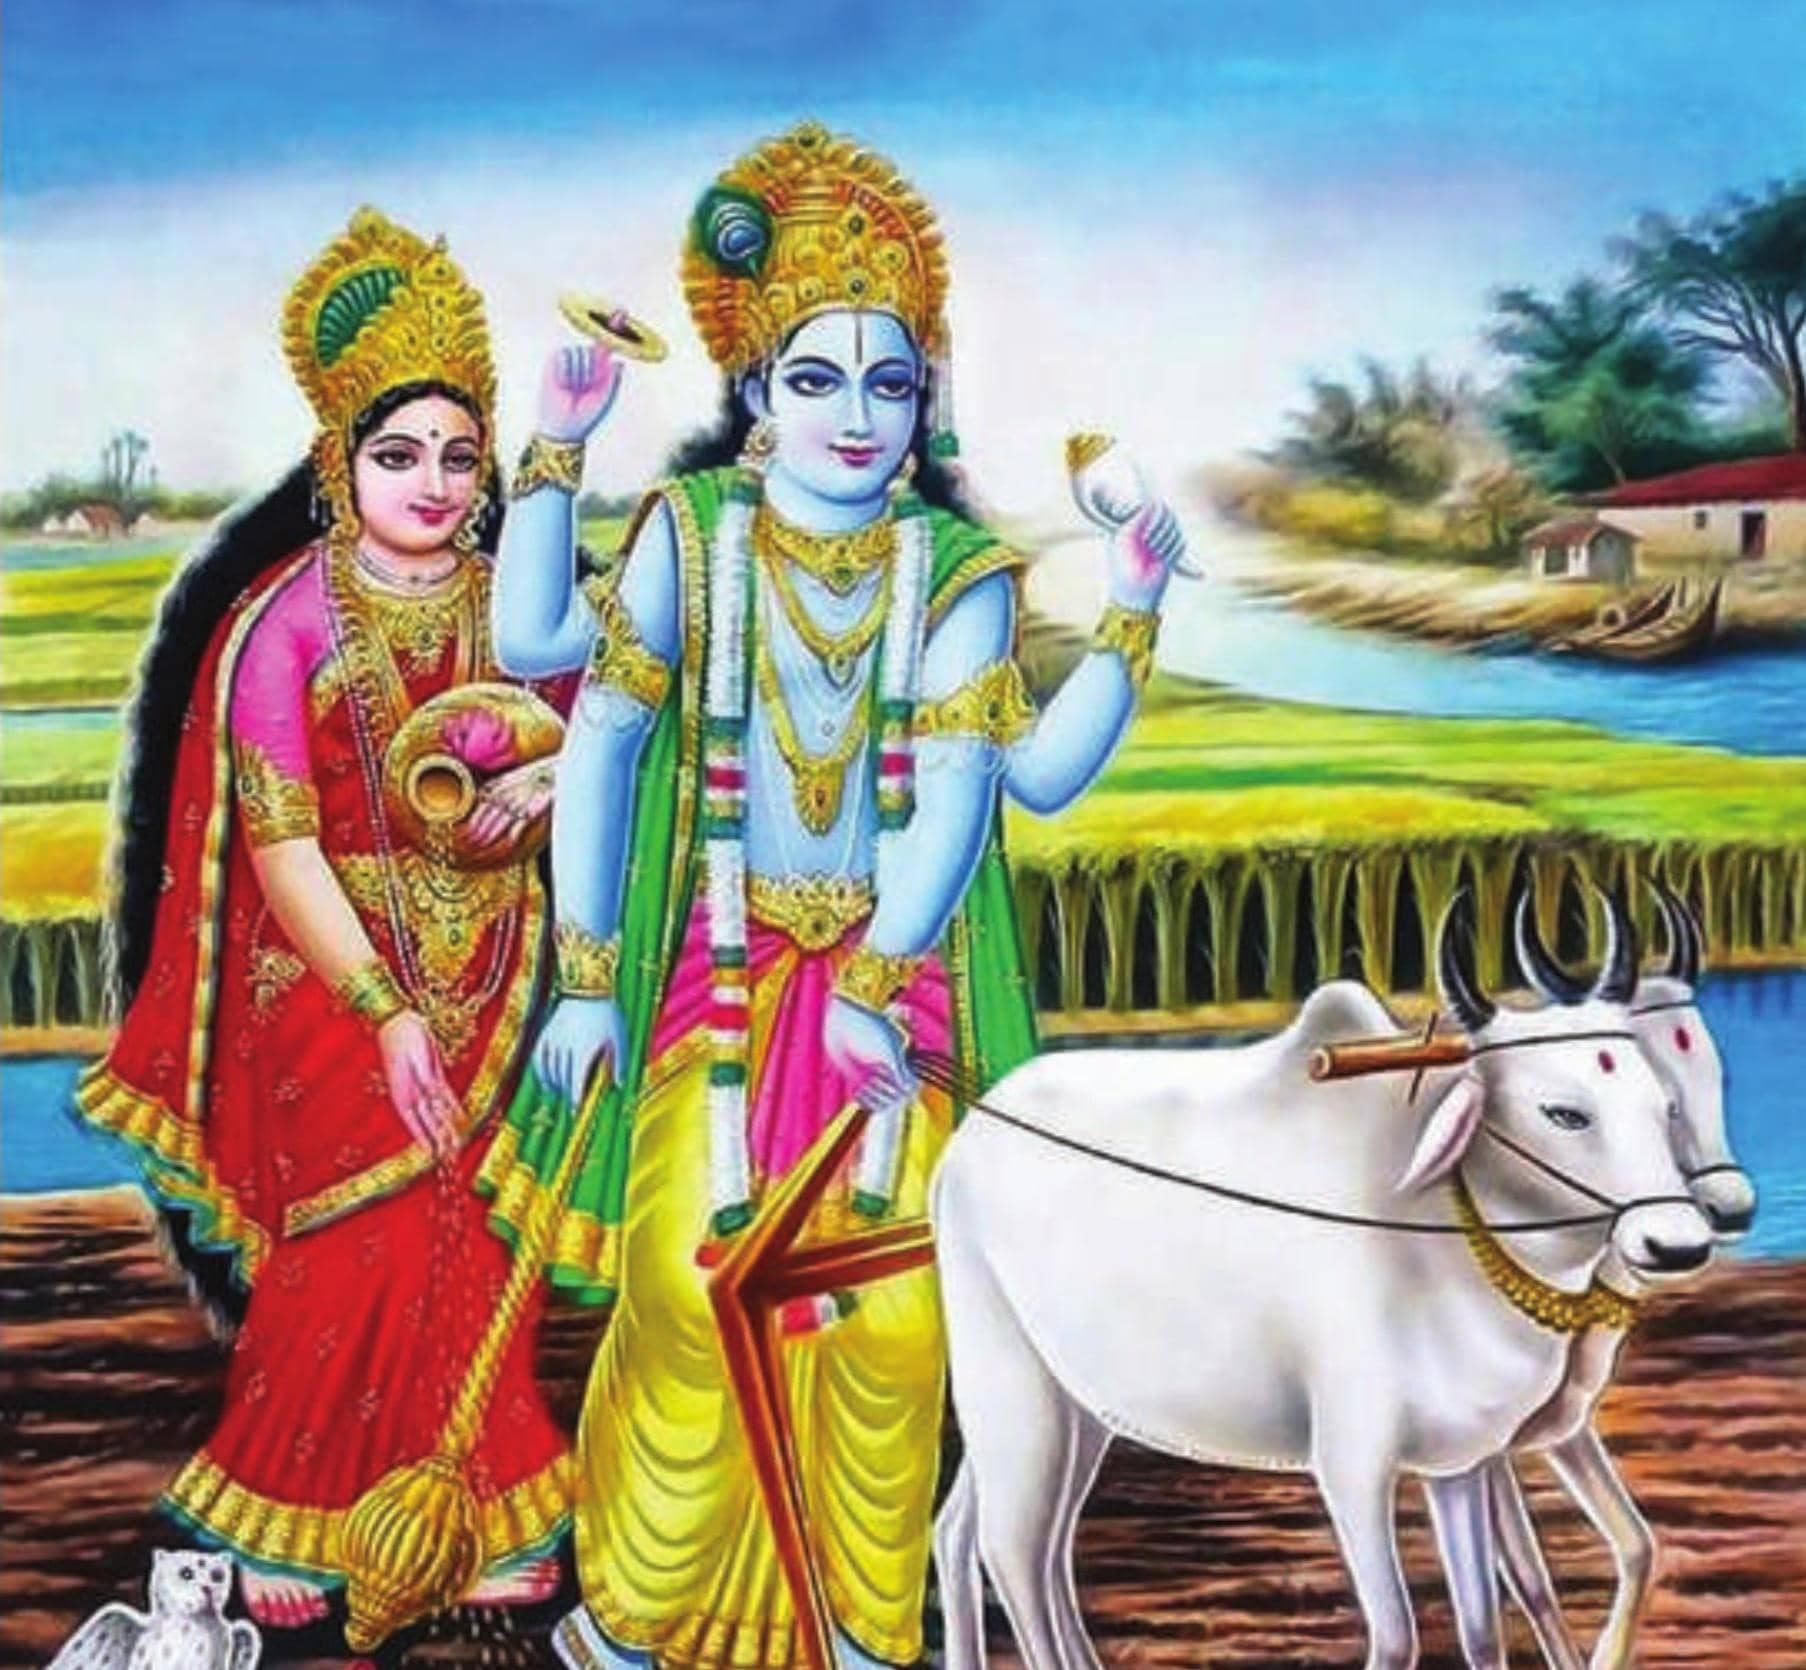 விருப்ப ஓய்வு (வி.ஆர்.எஸ்) யாருக்கு நன்மை தரும்?